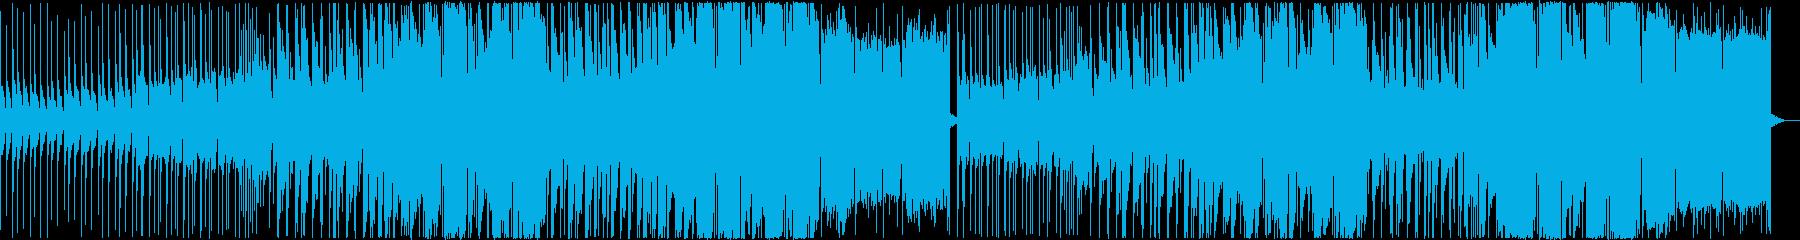 EDM系 明るくスポーティな曲 -3の再生済みの波形